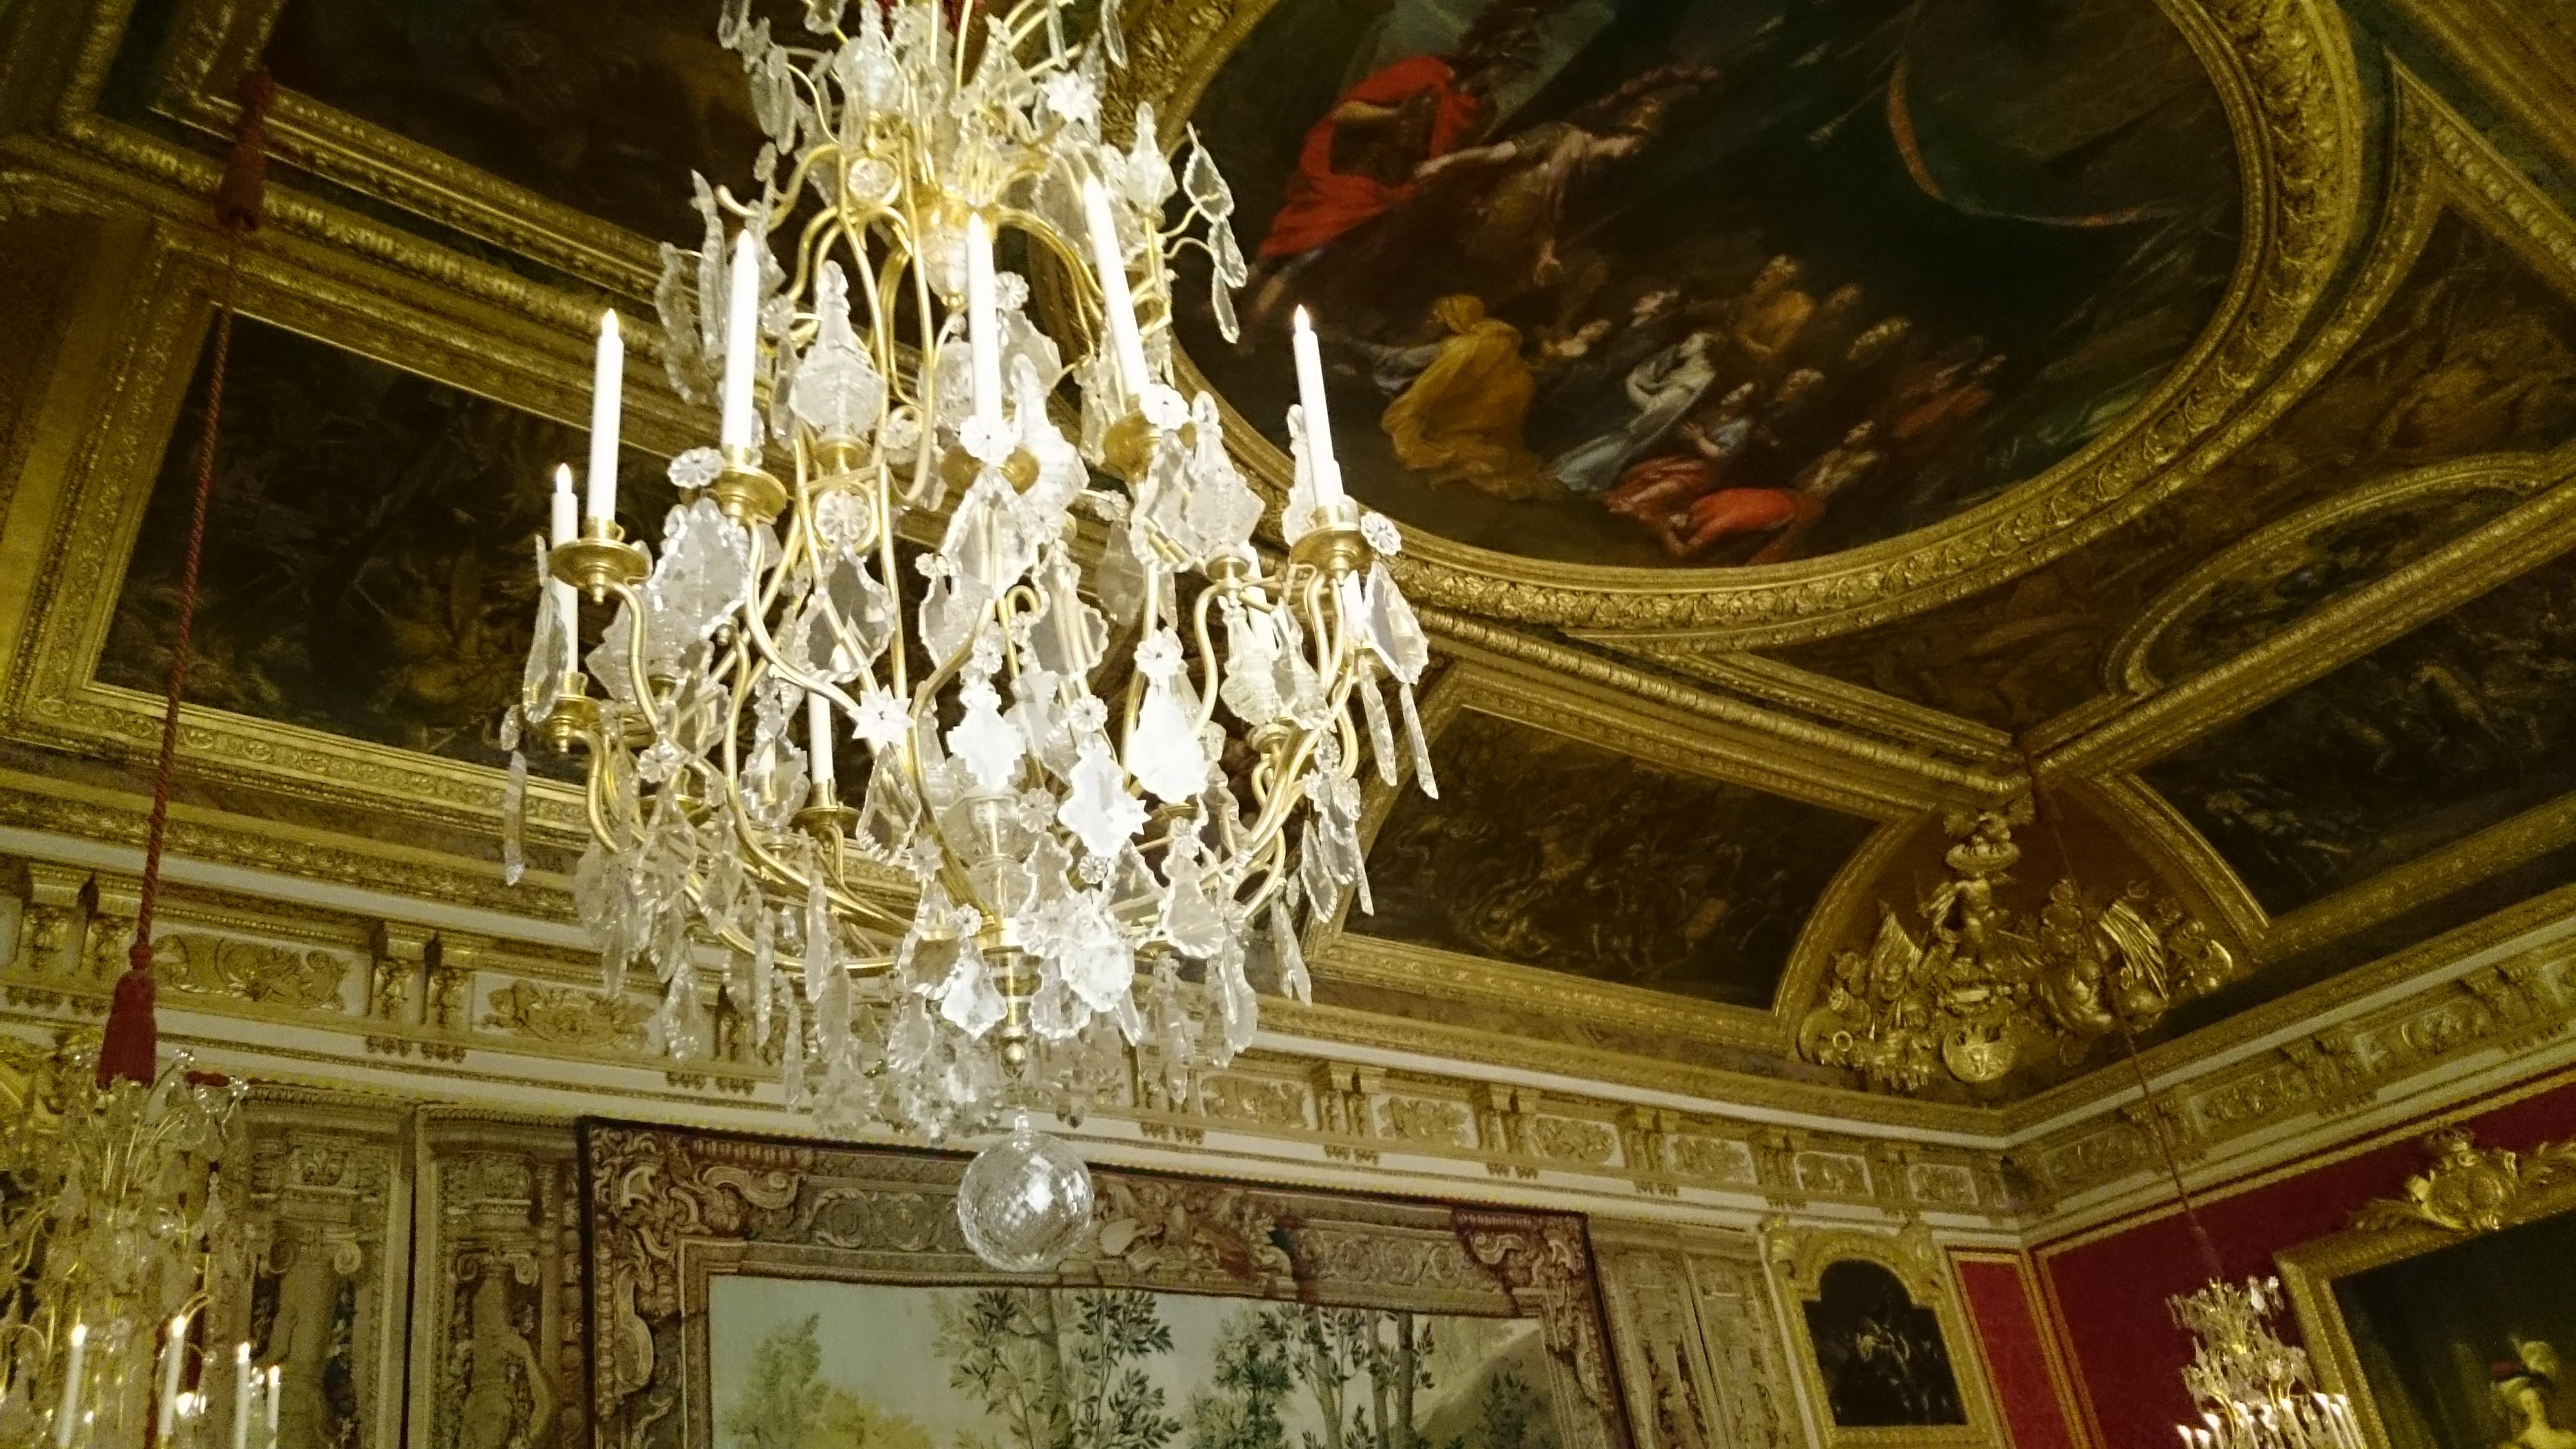 dsc 13971 - Visita al Palacio de Versalles: Como ir, cuanto cuesta y tips III/III